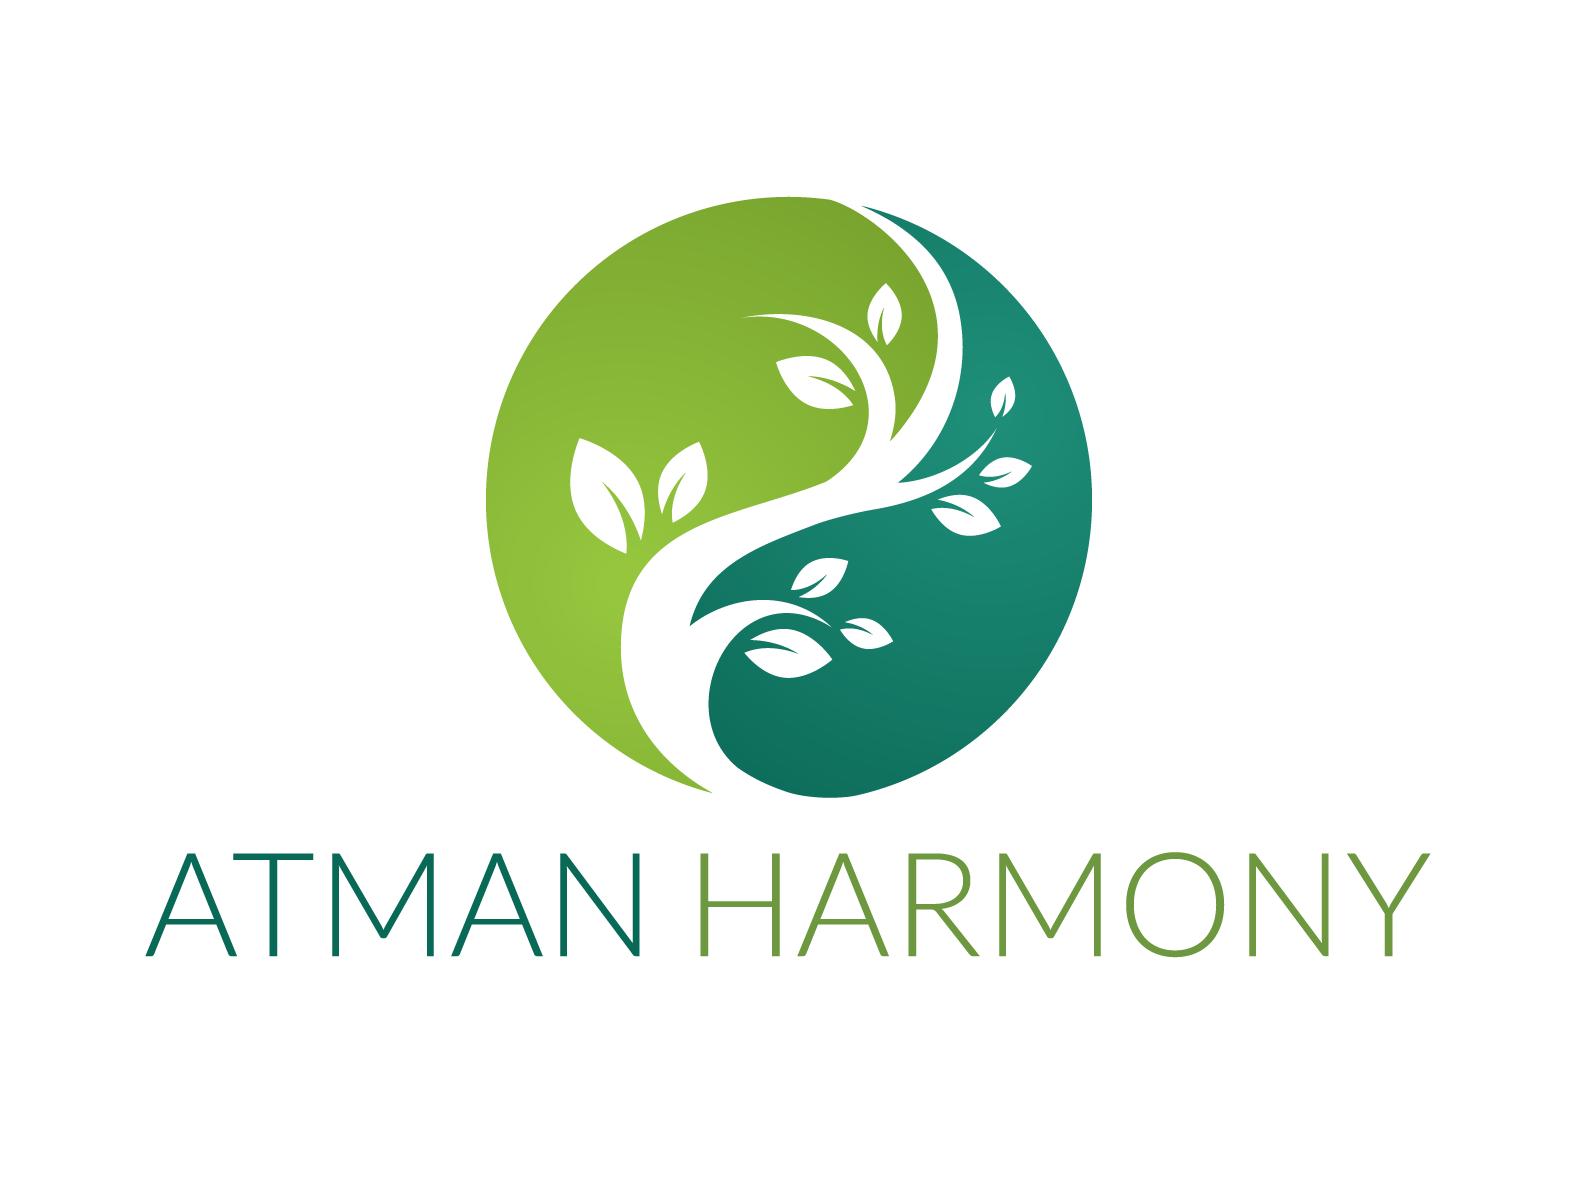 Alternative Healing Logo by Stefan Galescu on Dribbble.